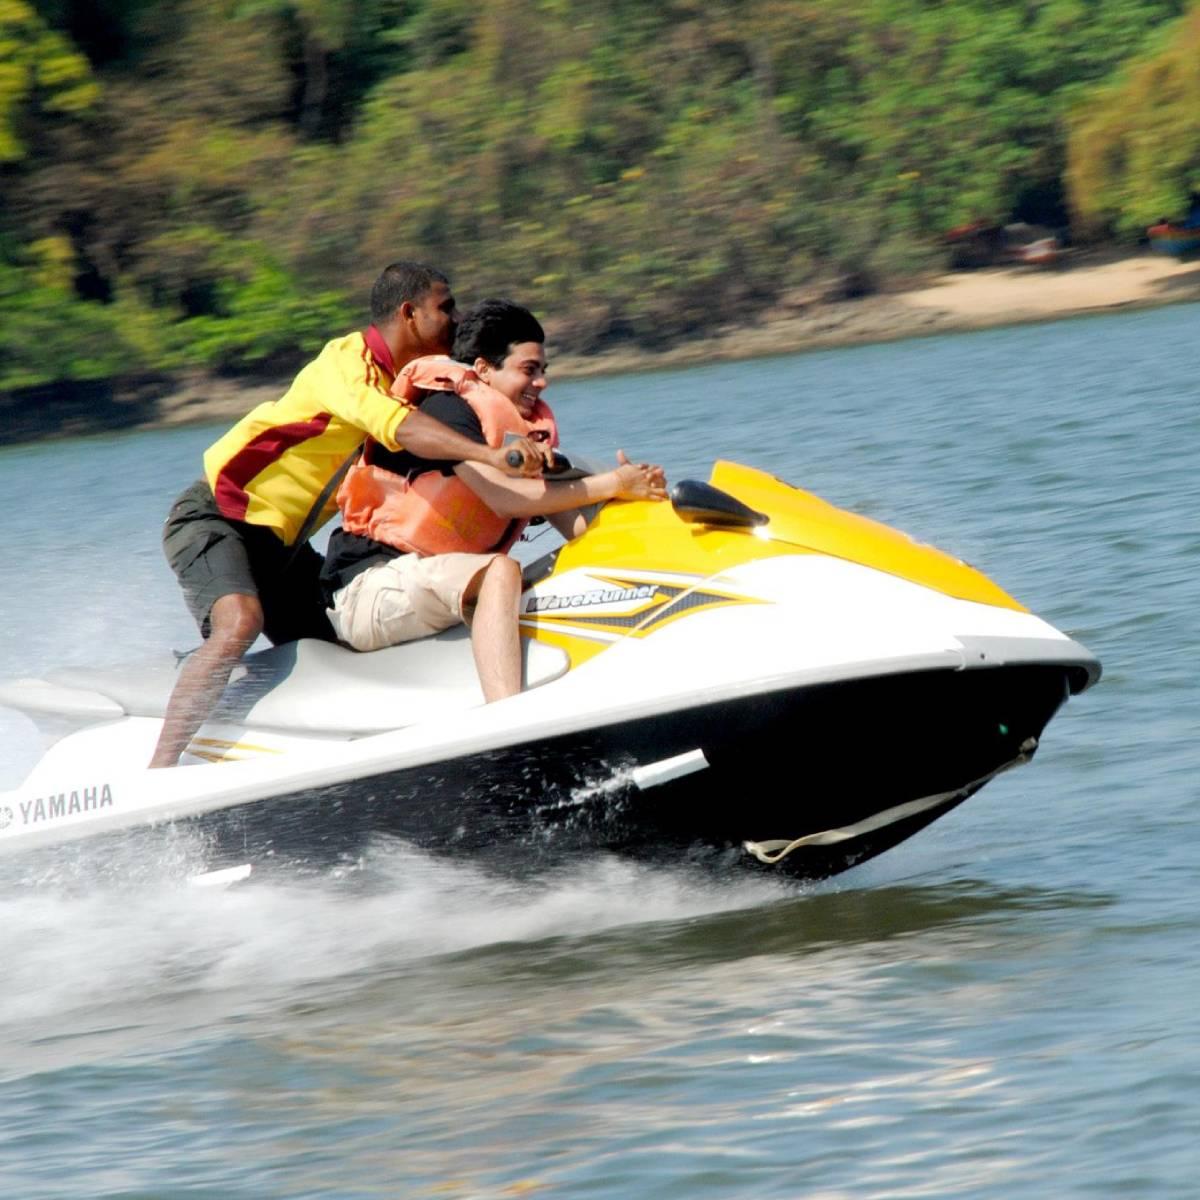 jetski ride at devbag beach